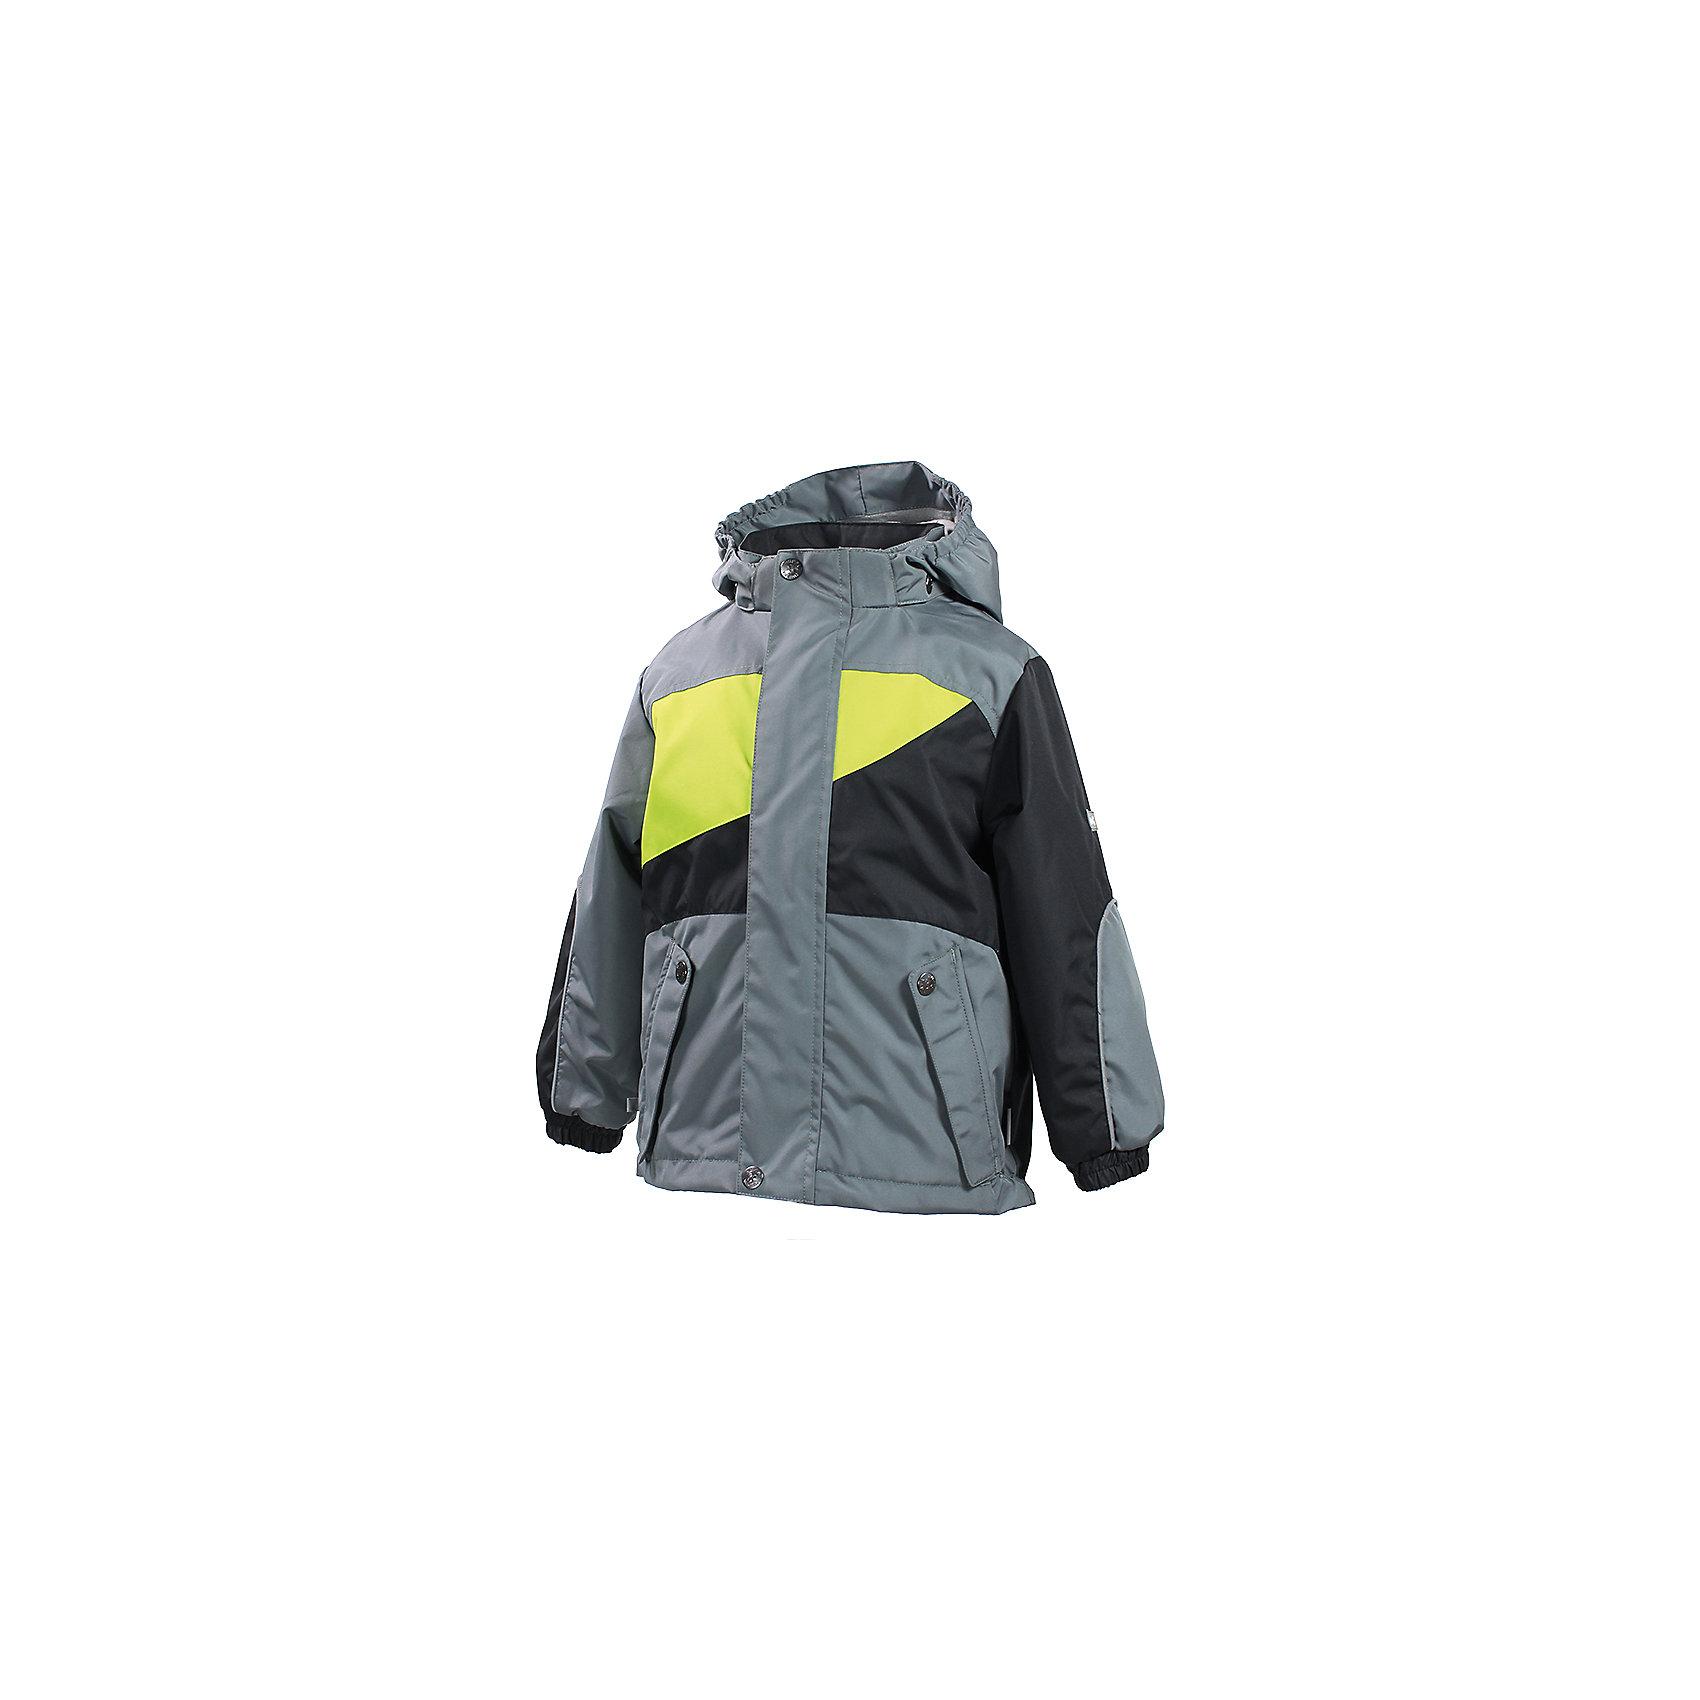 Куртка для мальчика HuppaВерхняя одежда<br>Влагоустойчивая и дышащая ткань 10 000/ 10 000<br>Мембрана препятствует прохождению воды и ветра сквозь ткань внутрь изделия, позволяя испаряться выделяемой телом, образовывающейся внутри влаге.<br><br>Проклеенные швы<br>Для максимальной влагонепроницаемости изделия, важнейшие швы проклеены водостойкой лентой.<br><br>Прочная ткань<br>Сплетения волокон в тканях выполнены по специальной технологии, которая придаёт ткани прочность и предохранят от истирания.<br><br>Светоотражательные детали<br>При плохих погодных условиях или в темноте, когда свет падает на одежду, он отражается, делая ребёнка более заметным, уменьшая возможность несчастных случаев.<br><br>Дополнительная информация:<br><br><br>Ткань: 100% полиэстер<br>Подкладка: флис - 100% полиэстер, тафта в рукавах - 100% полиэстер<br>Внутренний карман<br>Плечевые швы проклеены<br><br>Куртку для мальчика Huppa можно купить в нашем магазине.<br><br>Ширина мм: 356<br>Глубина мм: 10<br>Высота мм: 245<br>Вес г: 519<br>Цвет: серый<br>Возраст от месяцев: 48<br>Возраст до месяцев: 60<br>Пол: Мужской<br>Возраст: Детский<br>Размер: 110,104,122,128,140,134,116<br>SKU: 4595347